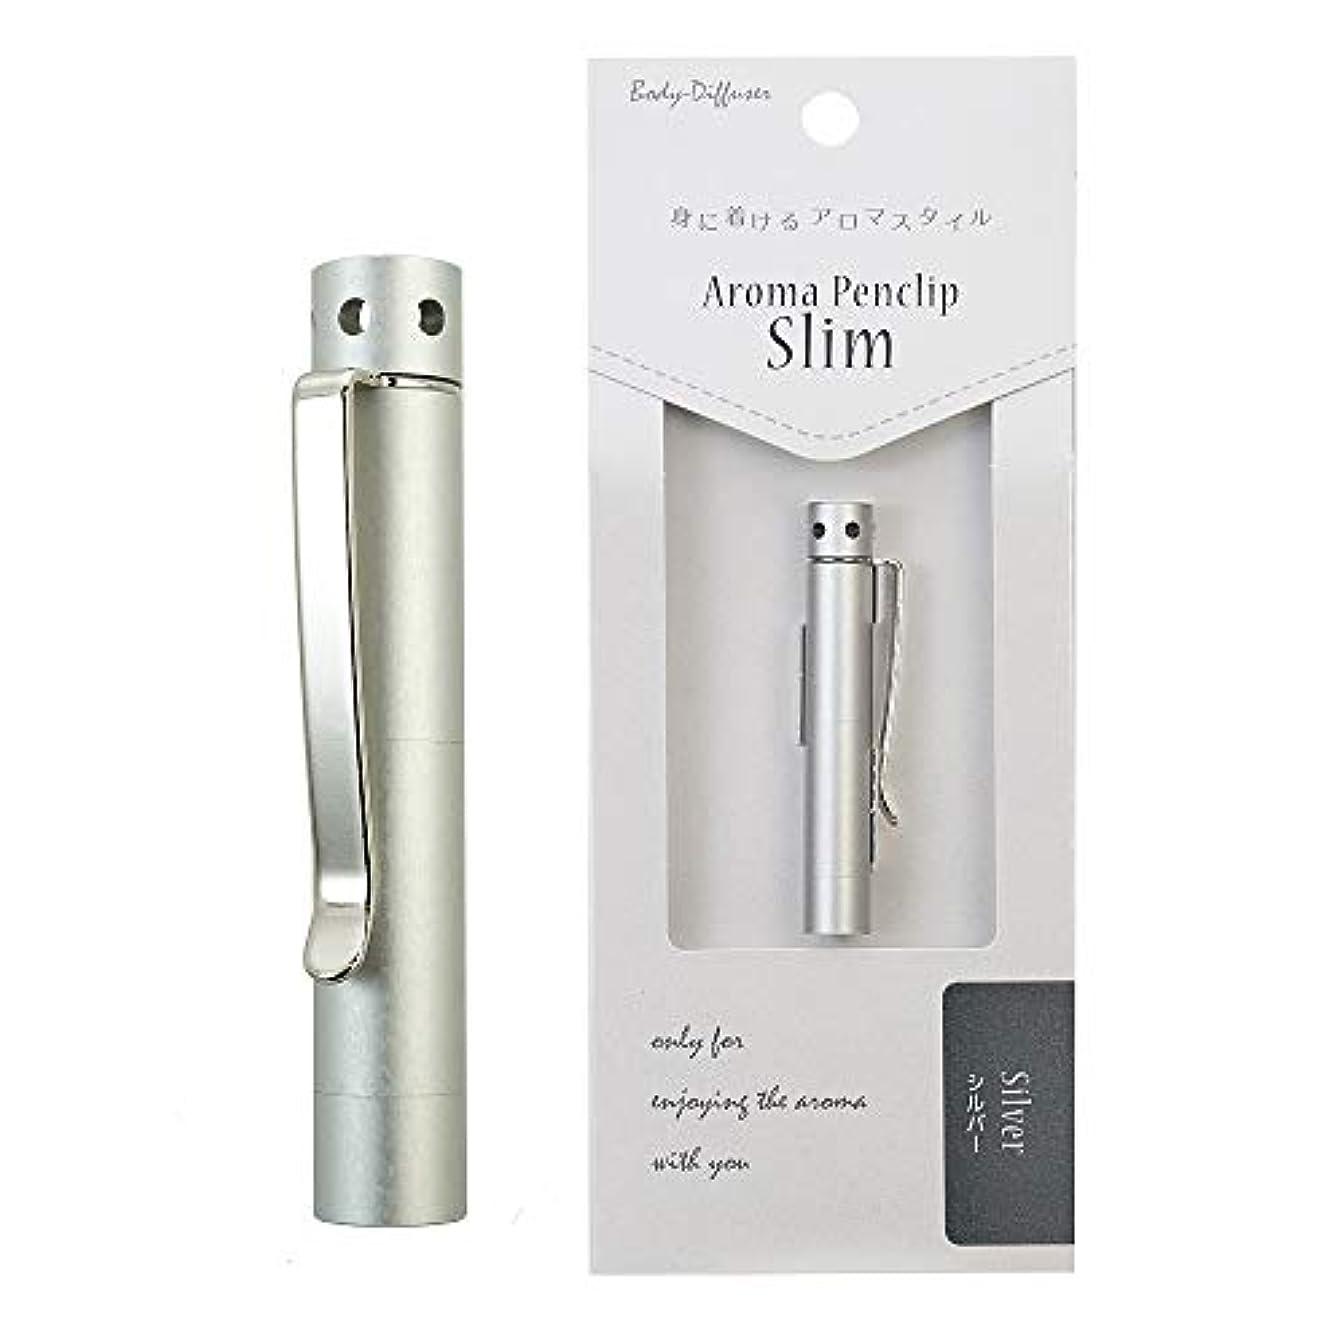 聴覚一緒計画的ボディディフューザー (Body-Diffuse) Body-Diffuser アロマペンクリップ SV 8mm×52mm